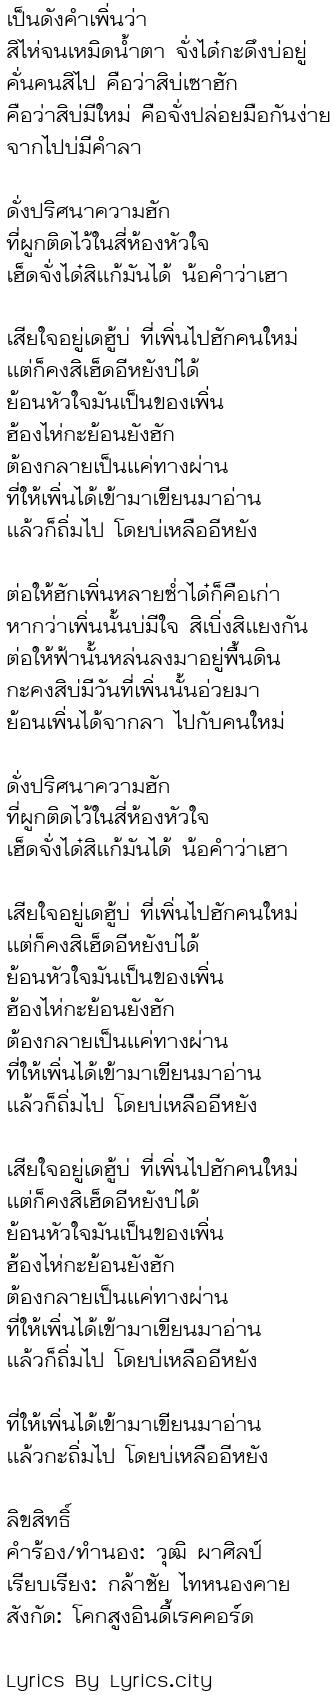 เนื้อเพลง ปริศนาฮัก - มอส จารุภัทร